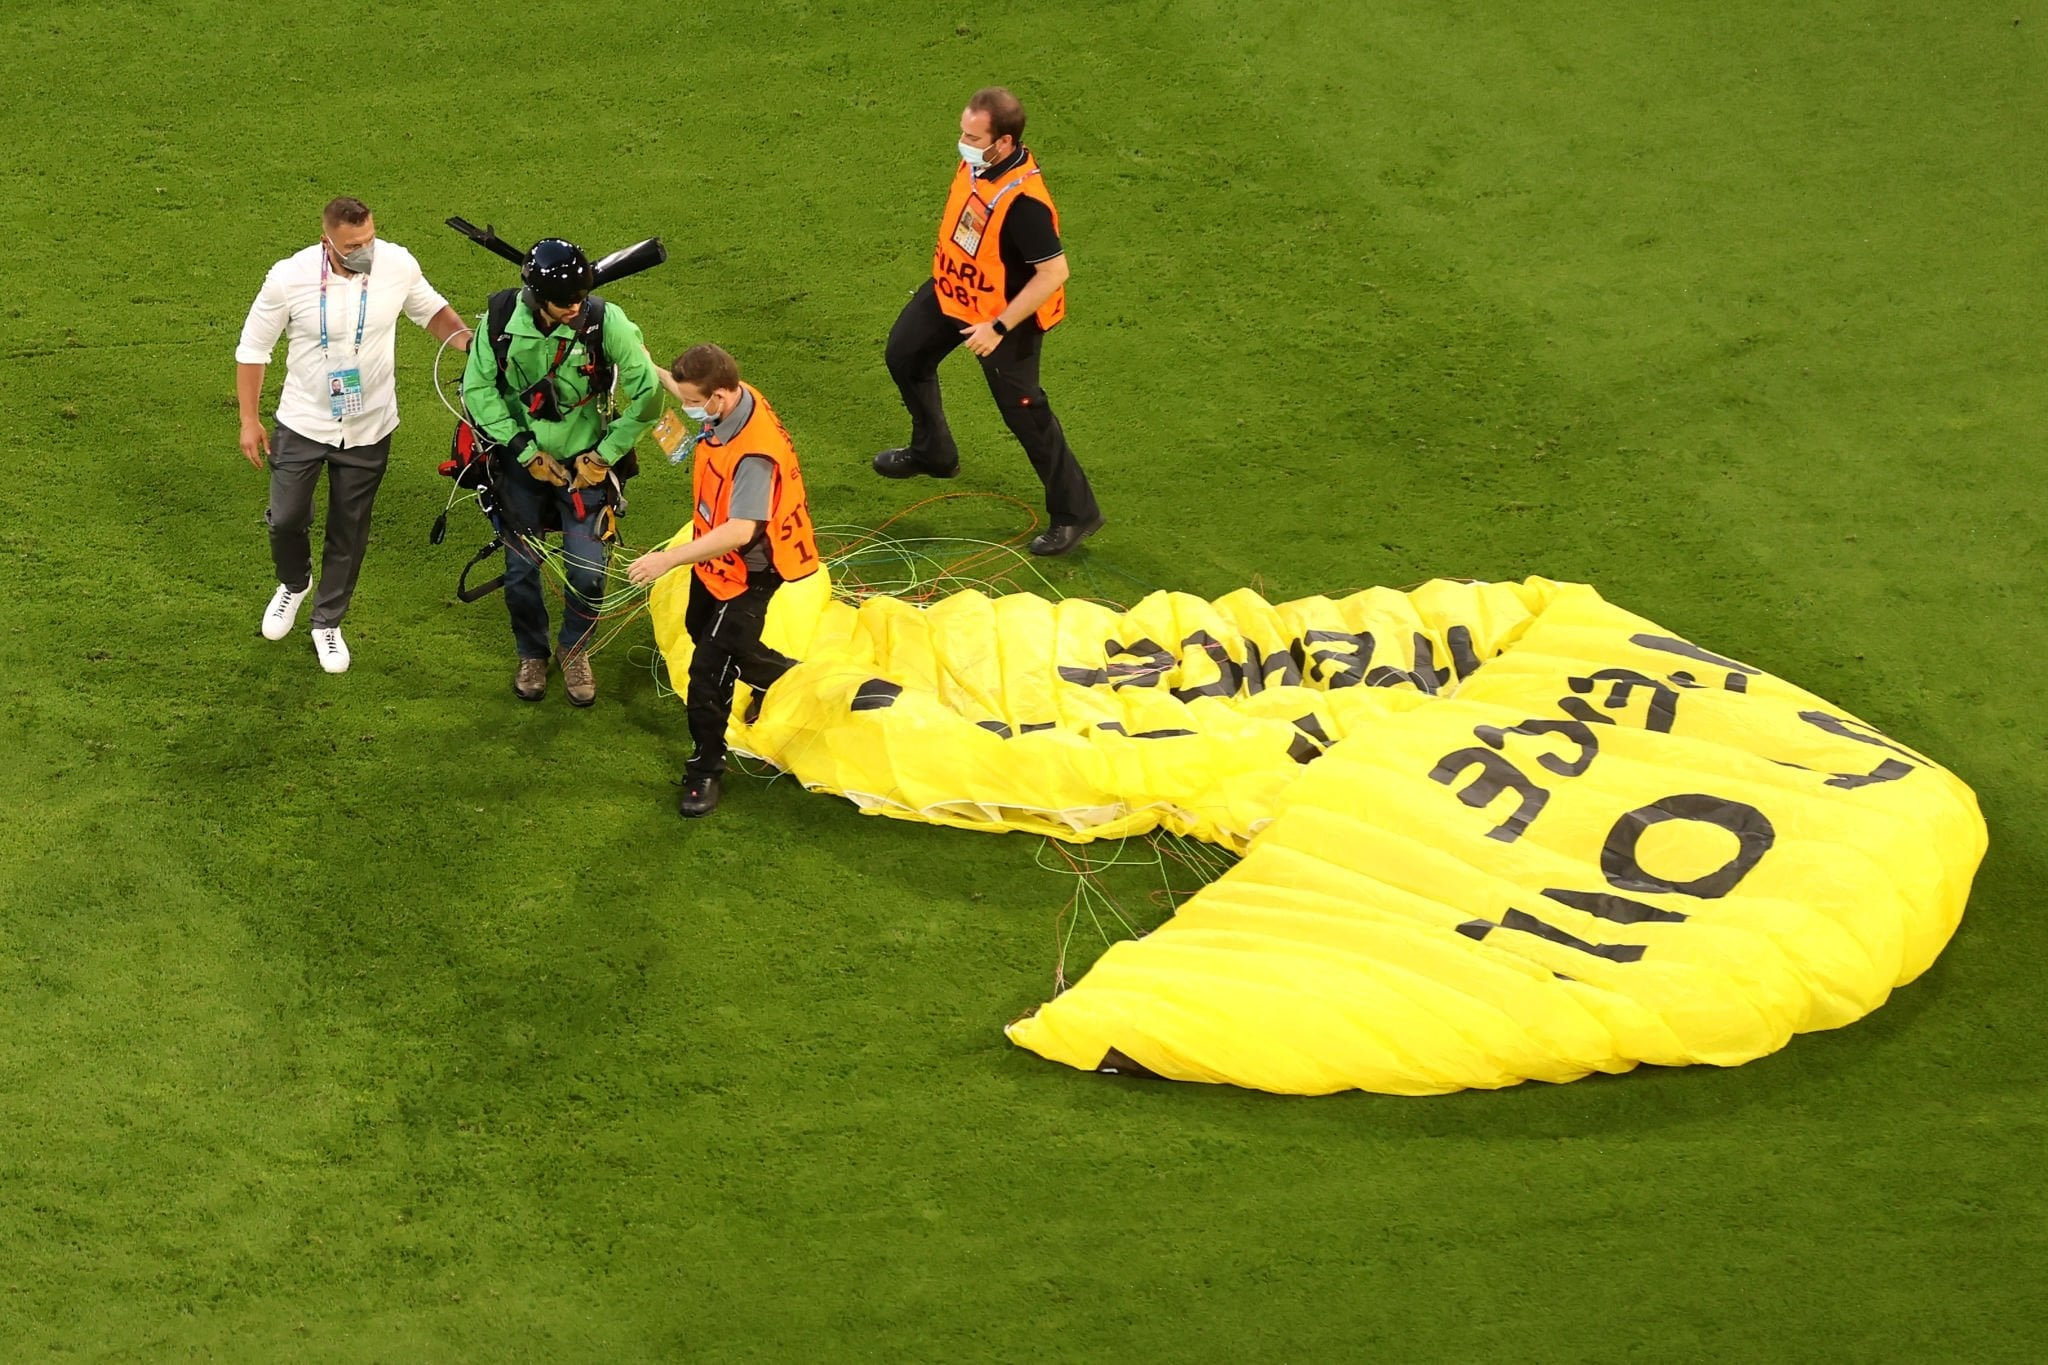 رجل يسقط بمظلة قبل قمة ألمانيا وفرنسا